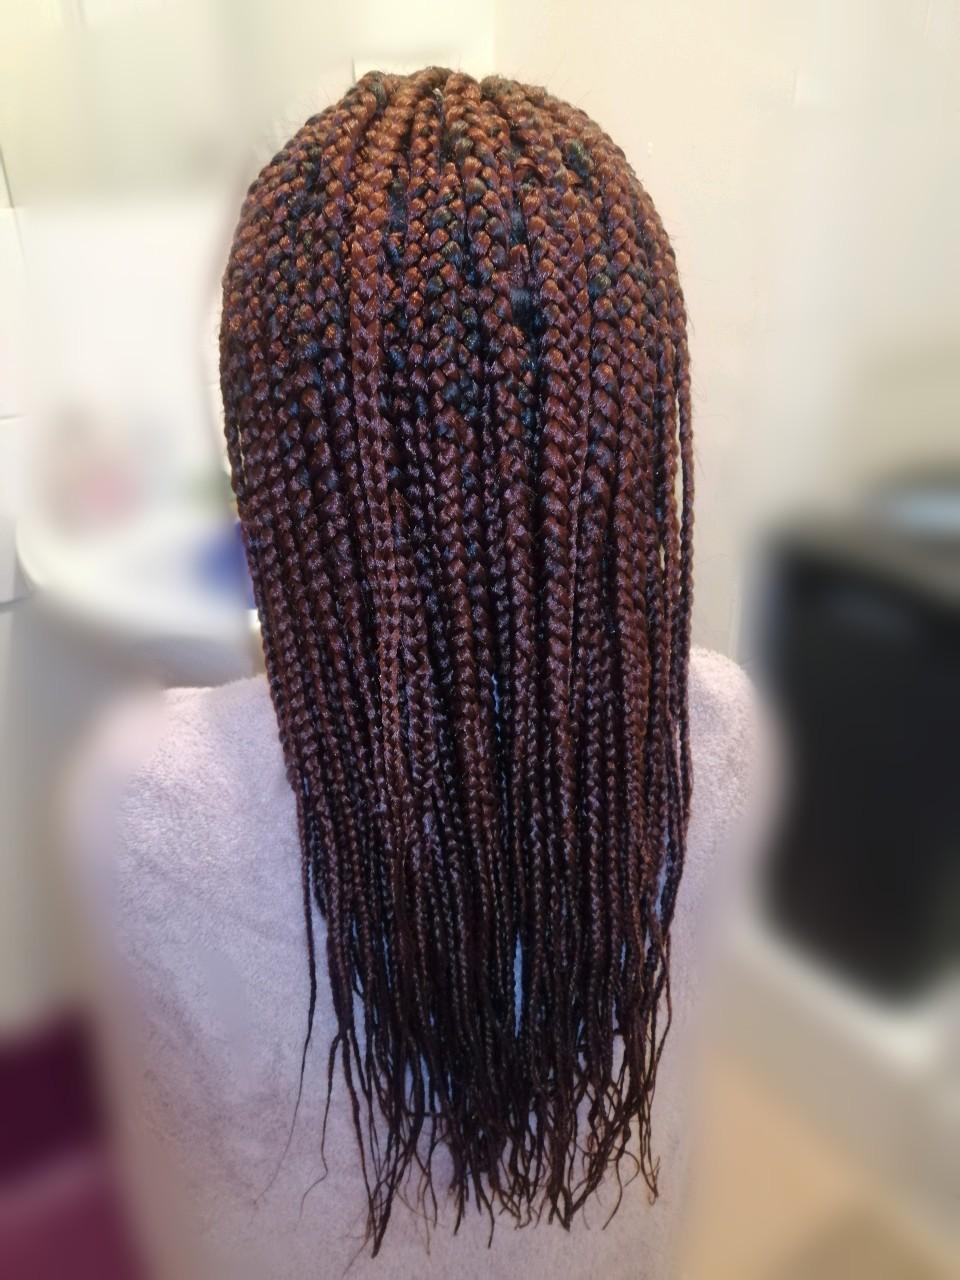 salon de coiffure afro tresse tresses box braids crochet braids vanilles tissages paris 75 77 78 91 92 93 94 95 FHIIPPEY